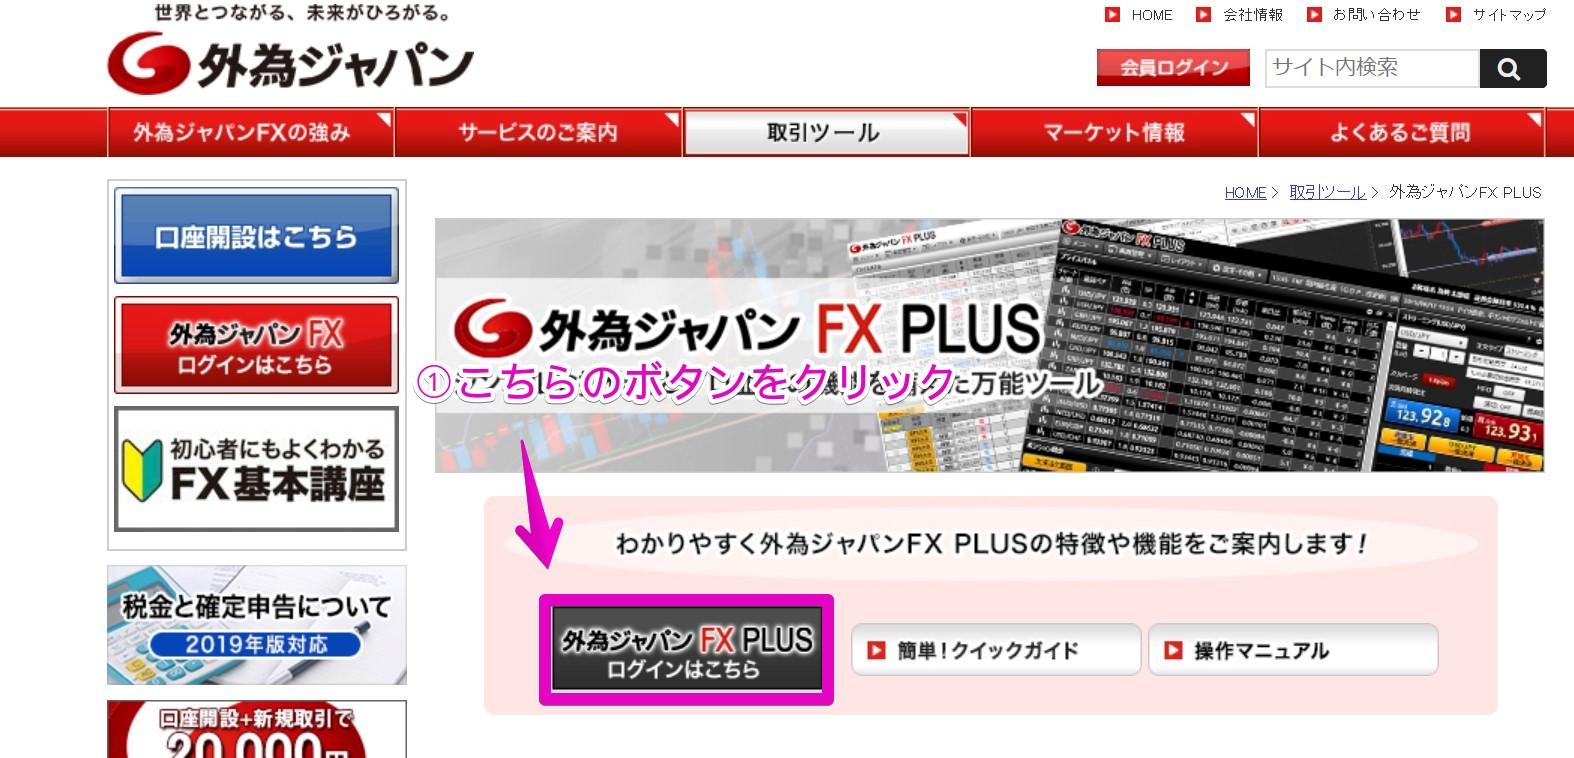 FXplusのホームページ